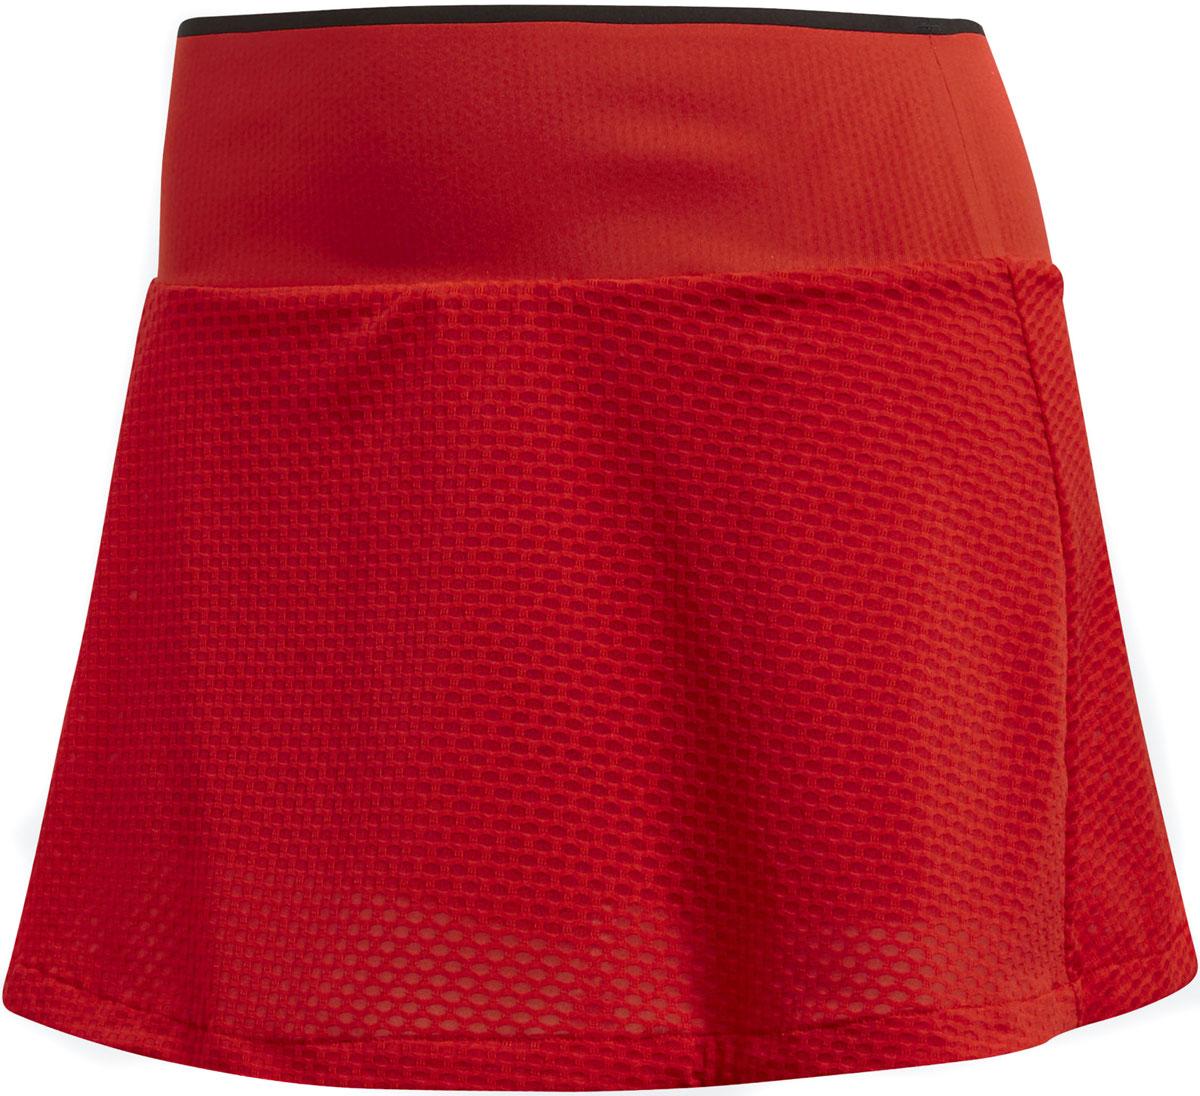 Юбка женская Adidas Bcade Skirt, цвет: красный. CE1452. Размер L (48/50)CE1452В этой теннисной юбке ты будешь готова к самым напряженным моментам матча. Быстросохнущая дышащая ткань с технологией Climacool сохраняет приятное ощущение прохлады и свежести и защищает от УФ-лучей. Вшитые шорты для дополнительного комфорта.Технология Climacool помогает сохранить прохладу и комфорт даже в жаркую погодуШирокий эластичный поясВшитые шортыДышащий легкий сетчатый материалЗащита от УФ-лучей 50+Логотип adidas у нижнего края; ярлычок Barricade сзади на бедреКлассический крой: баланс свободы движений и спортивной функциональности